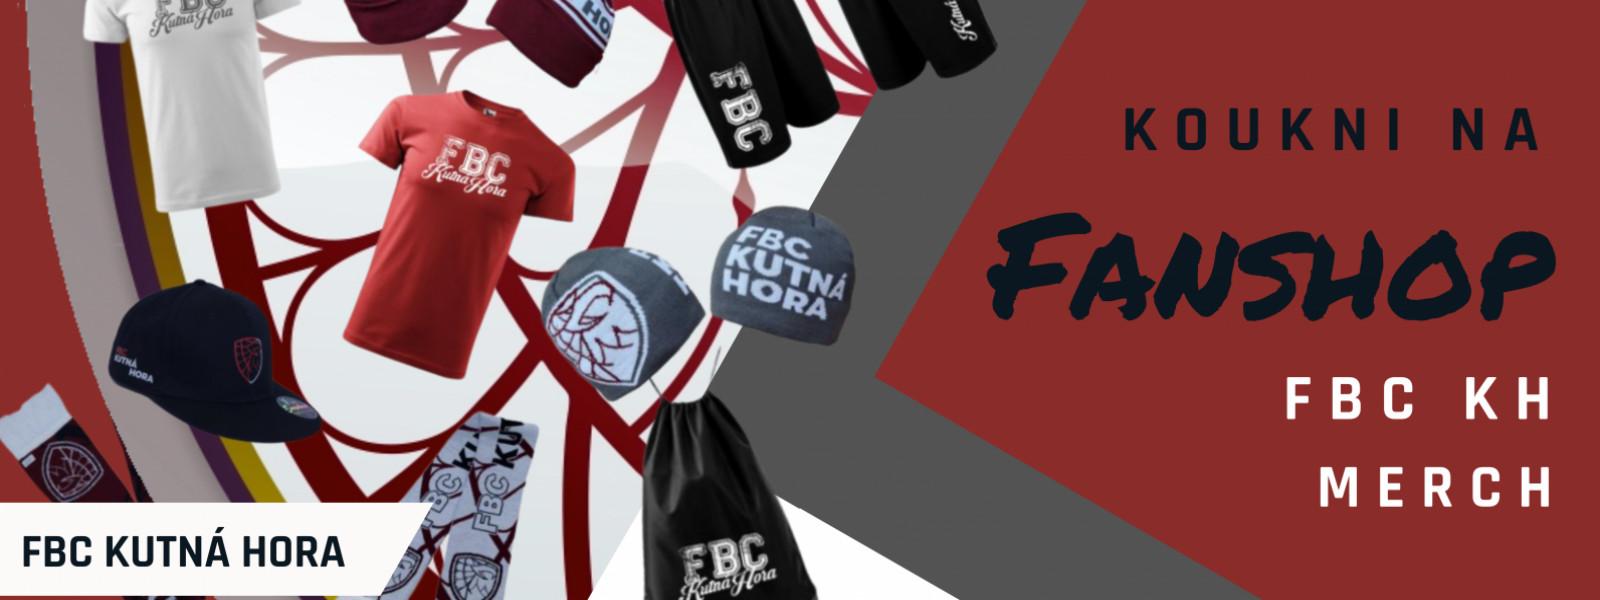 Fanshop FBC Kutná Hora